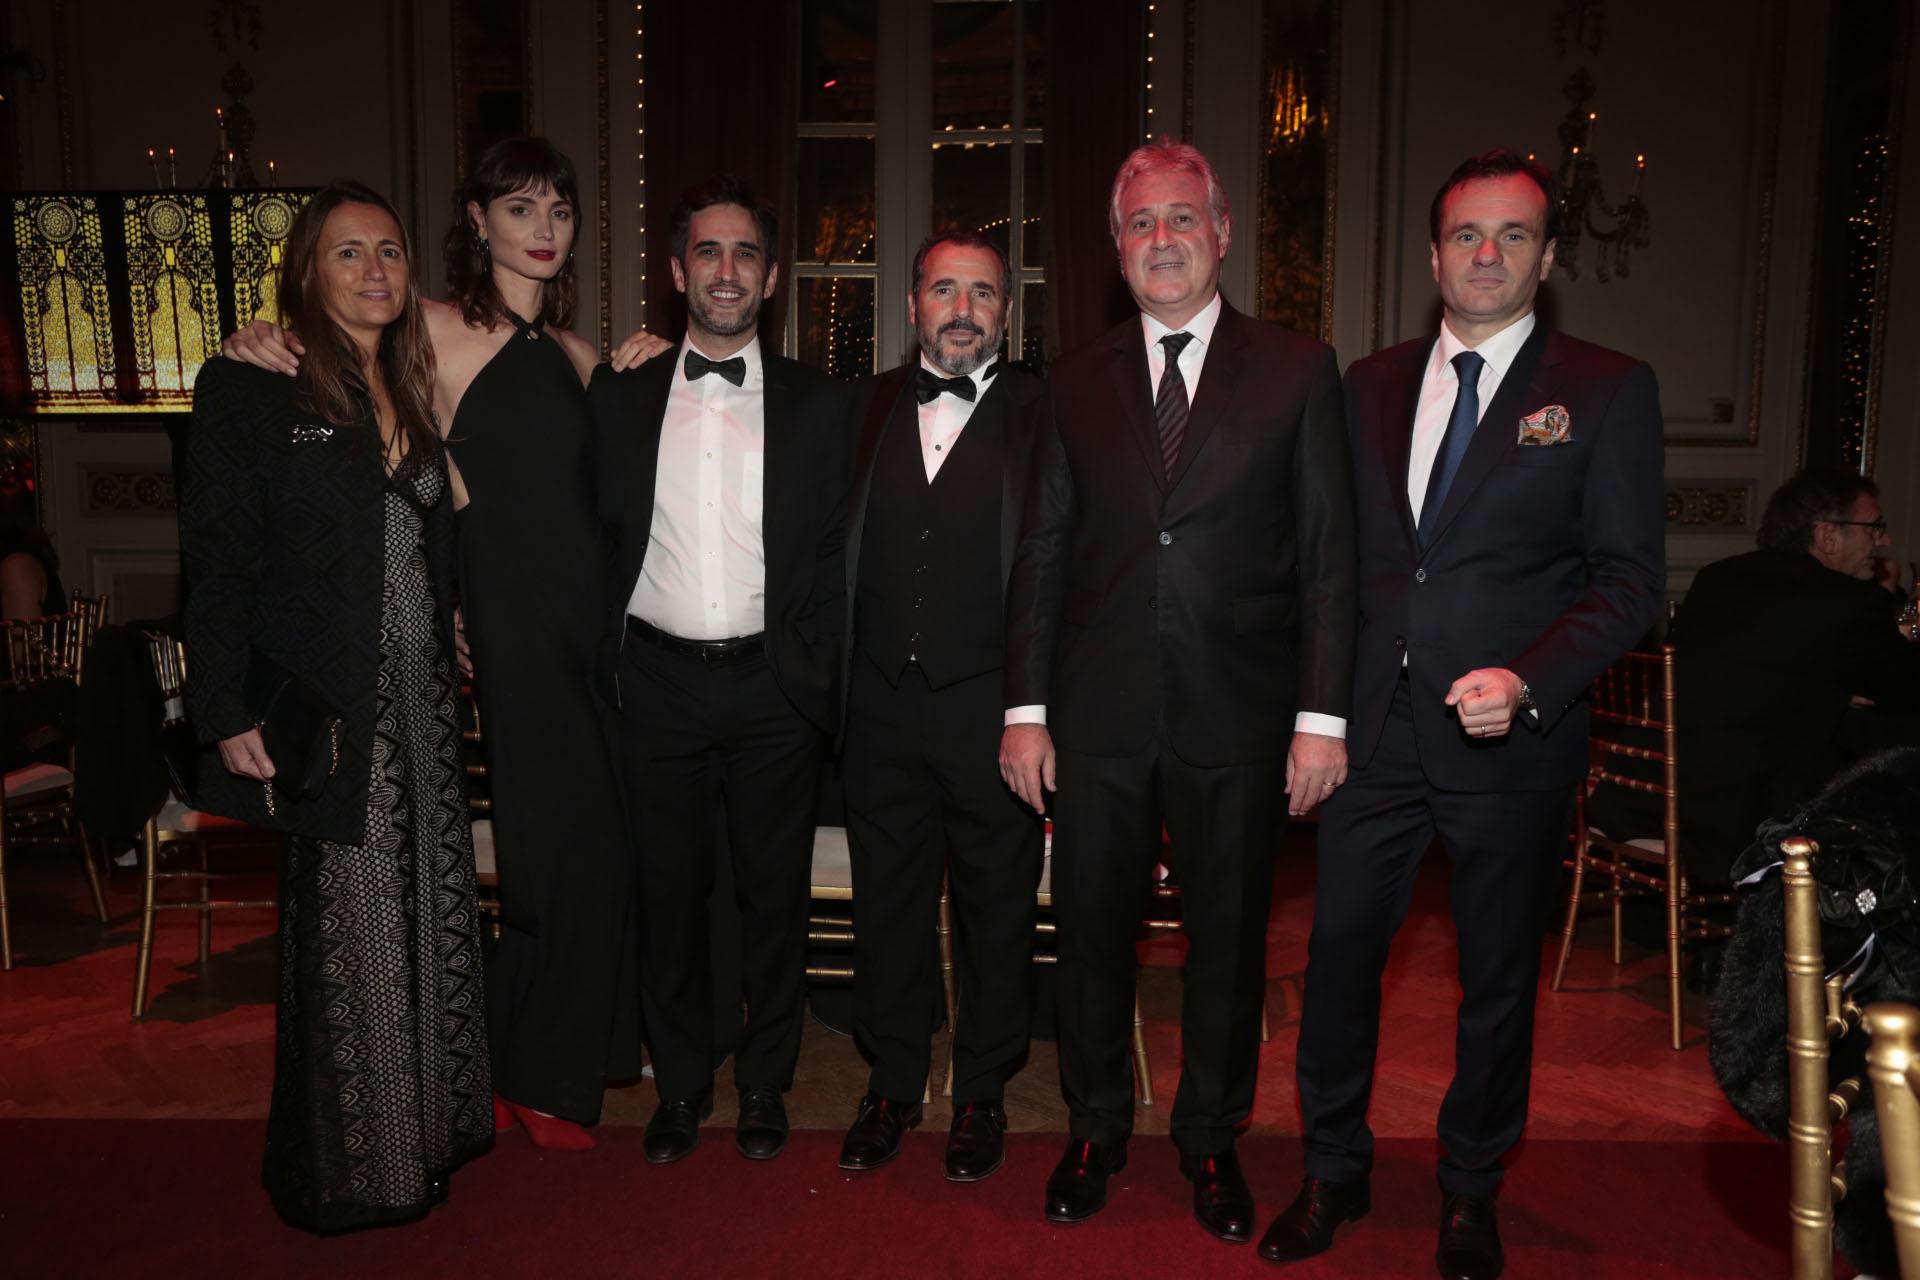 Magdalena Maglier, Patricio Di Stefano, Ezequiel Barrenechea, Matías Patanian y Juan Pablo Maglier